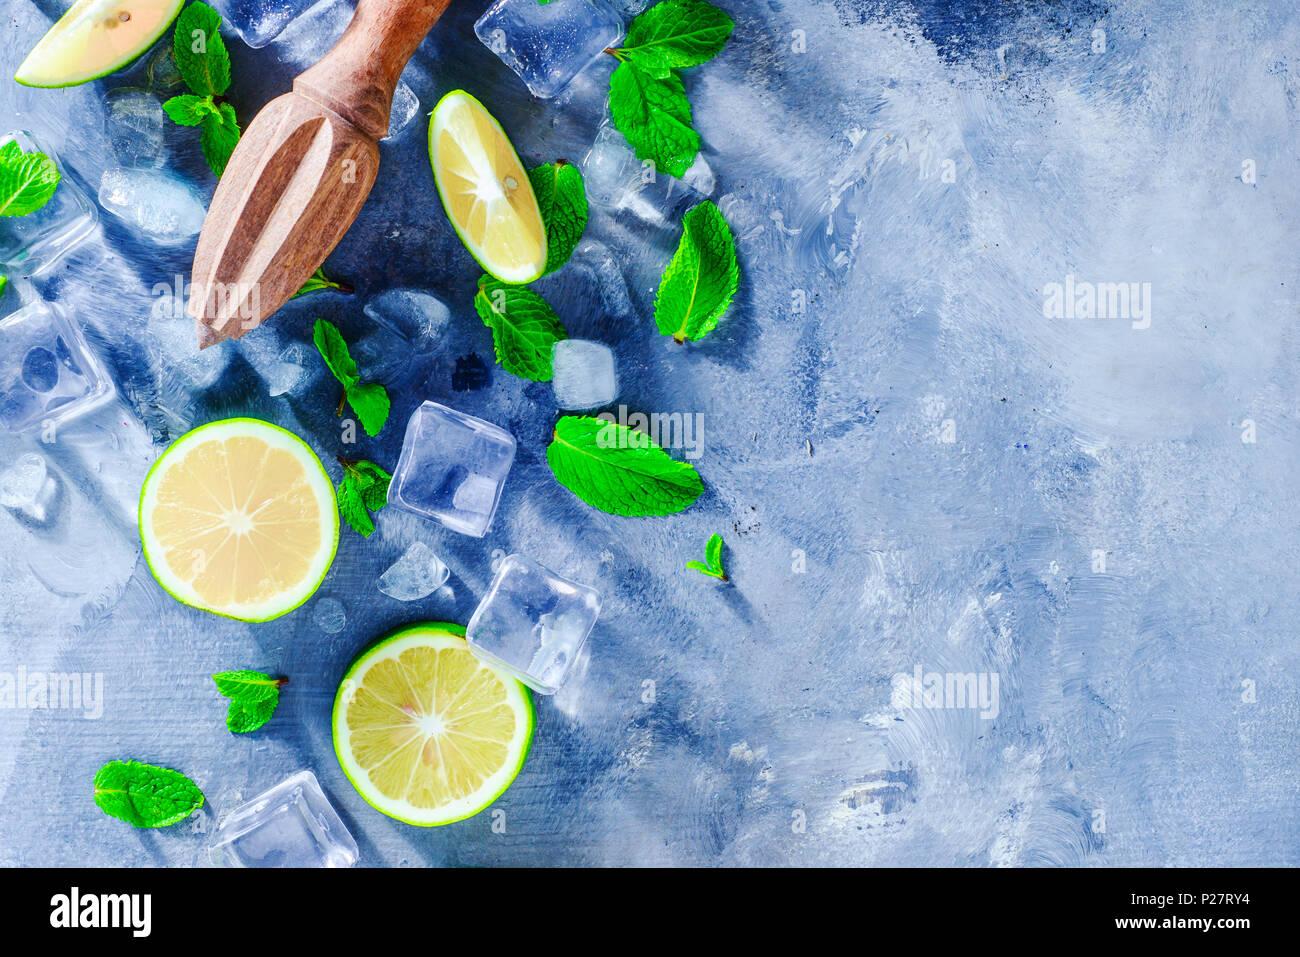 Copa de Verano con cabezal cóctel mojito ingredientes, Menta, Limón y cubitos de hielo. Escariador de limón o licuadora sobre un fondo de piedra gris con espacio de copia. Imagen De Stock